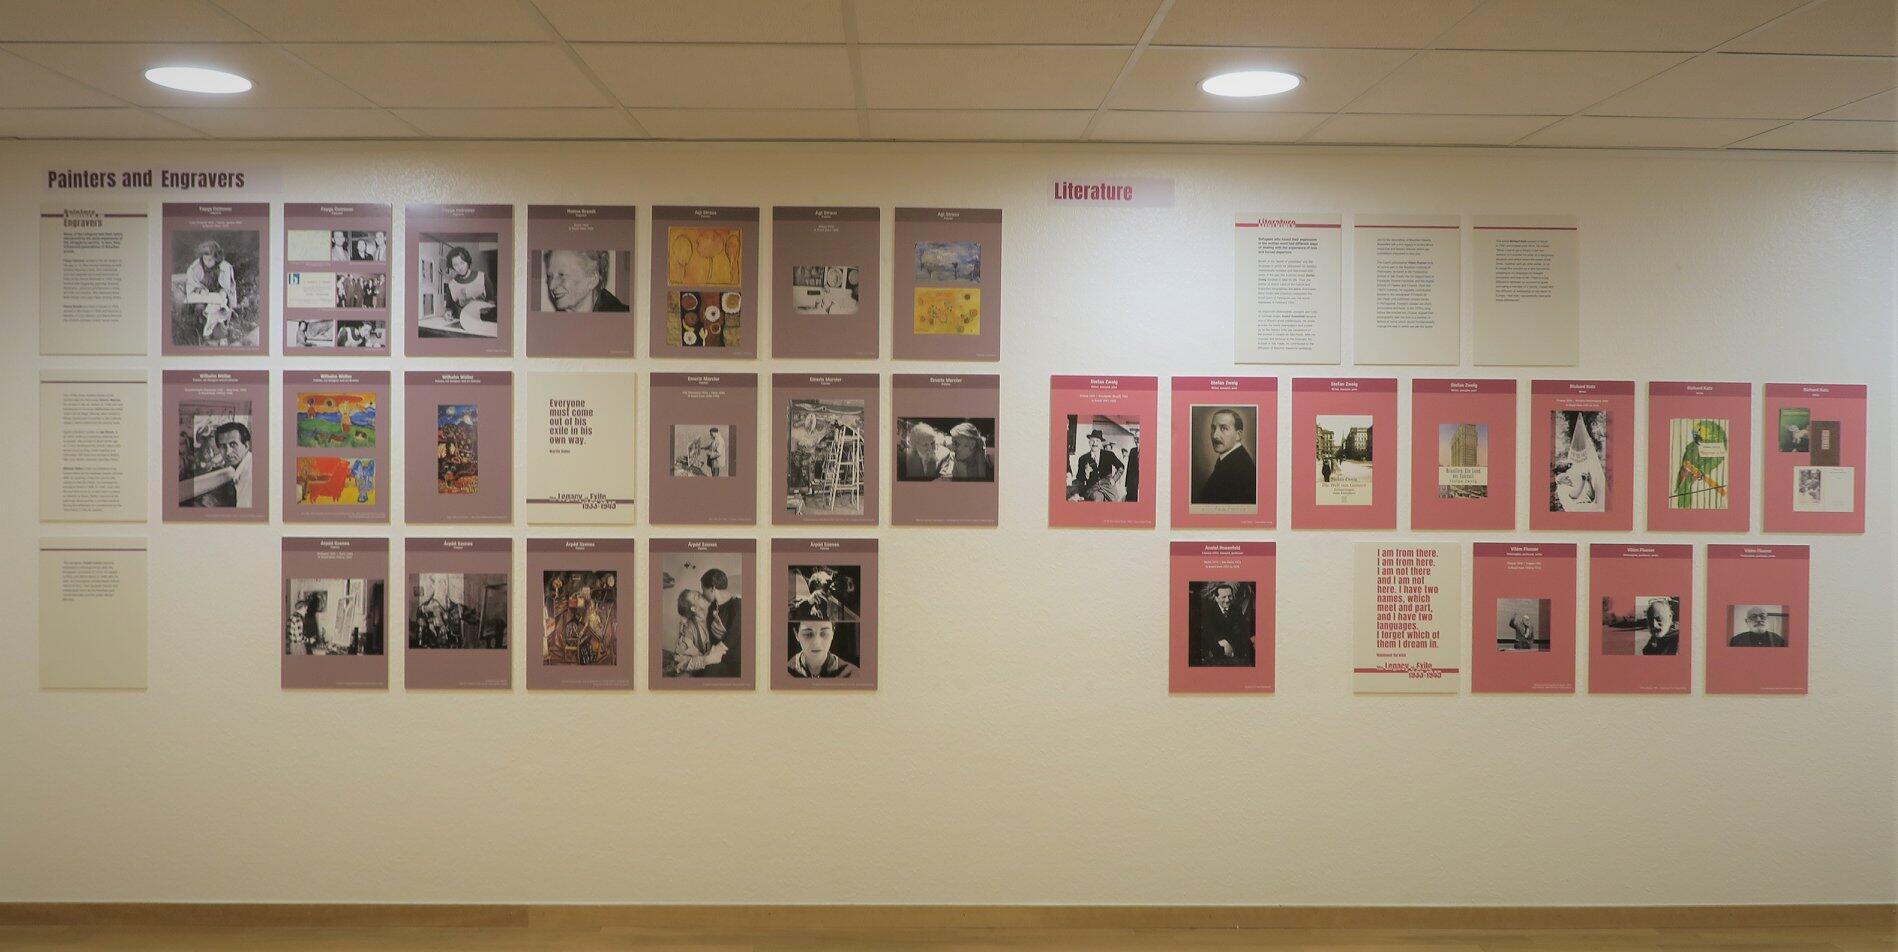 A exposição conta com alguns nomes que fizeram diferença em diversas áreas do conhecimento.